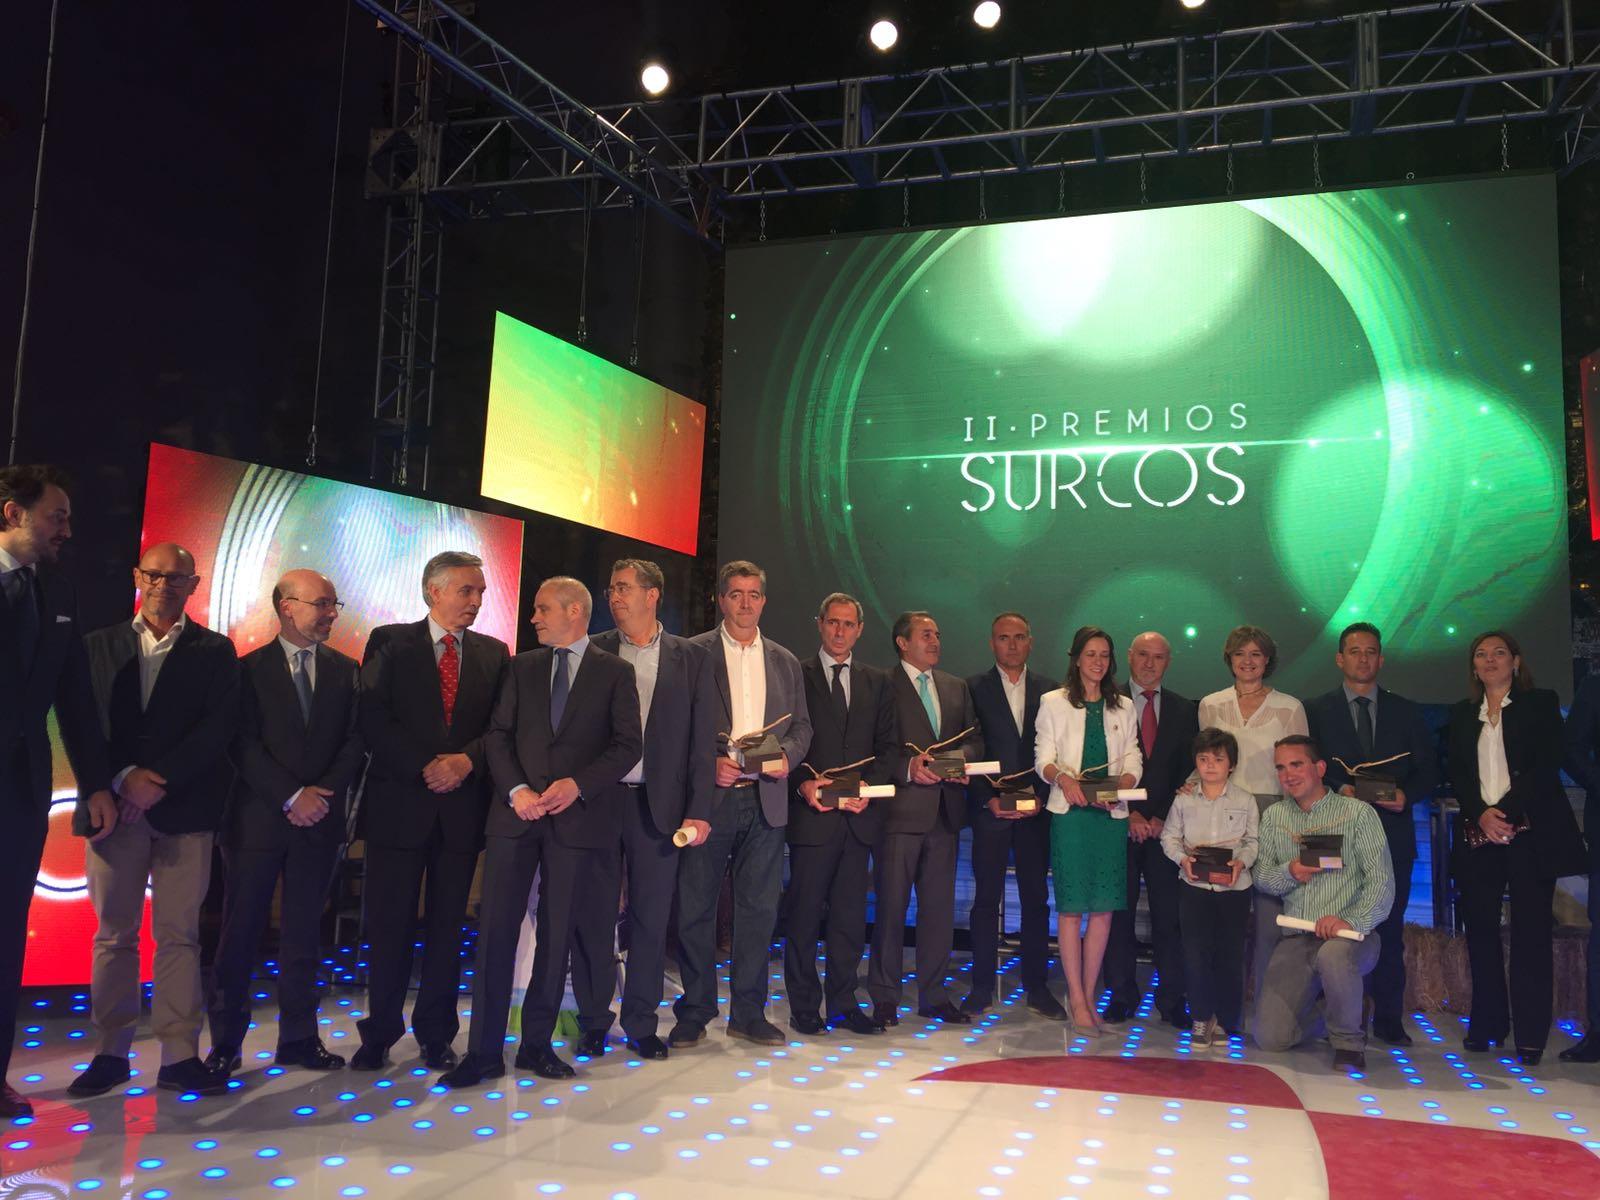 Concluye la gala de entrega de los #PremiosSurcos de @rtvcyl y Popular. Los galardonados, con la ministra de @mapamagob. ¡Enhorabuena! https://t.co/hQtLsugKik